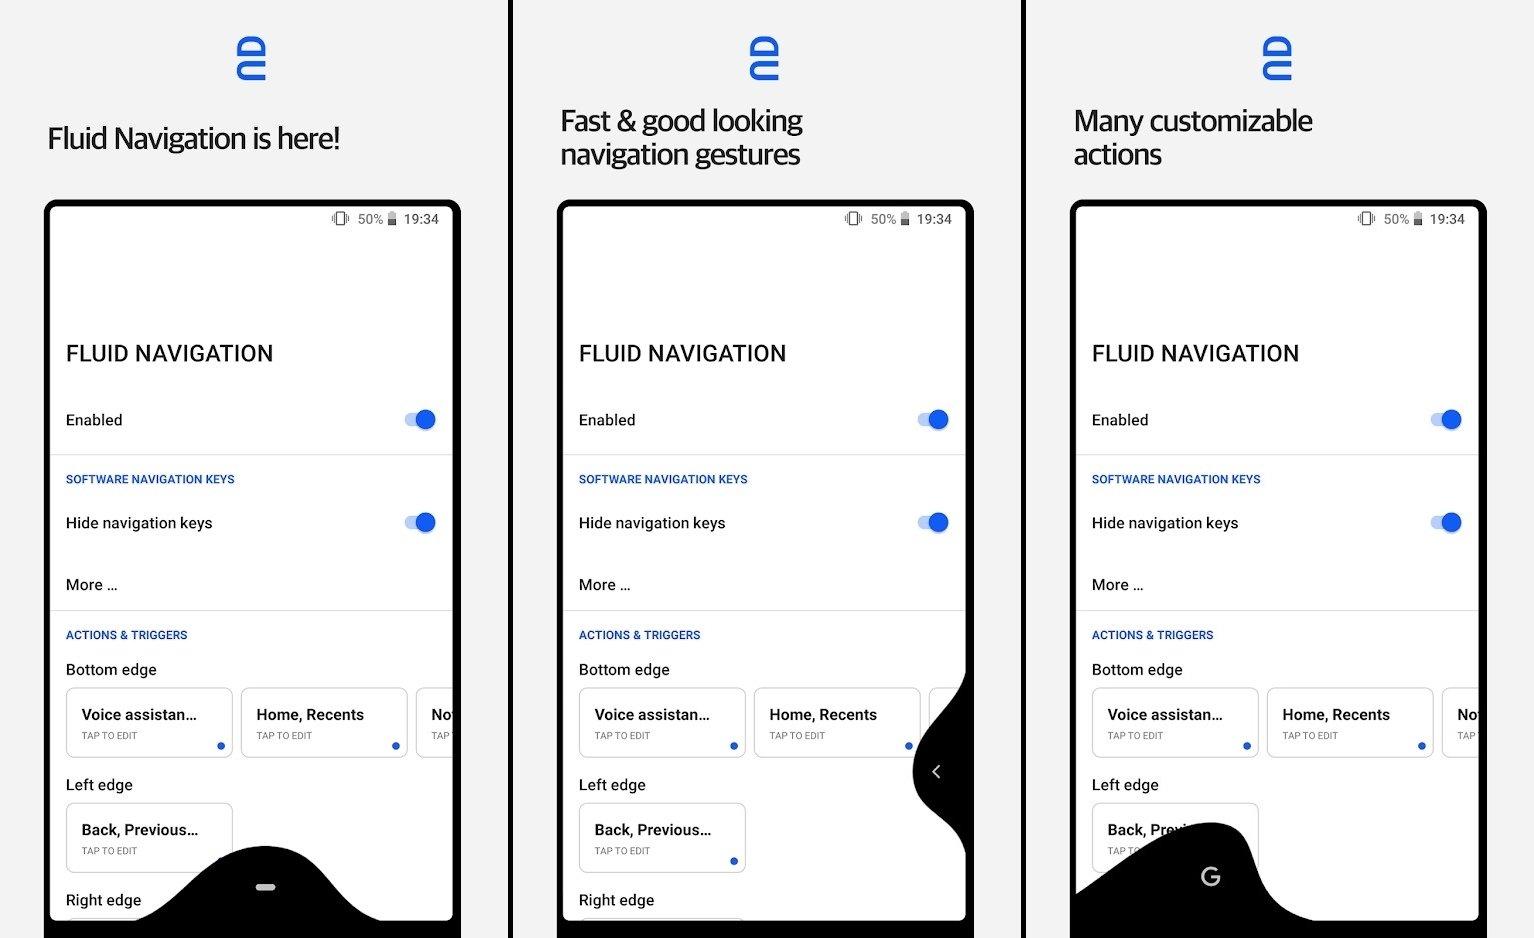 تطبيقFluid Navigation Gestures معه استمتع بإيماءات أندرويد P وآيفون X